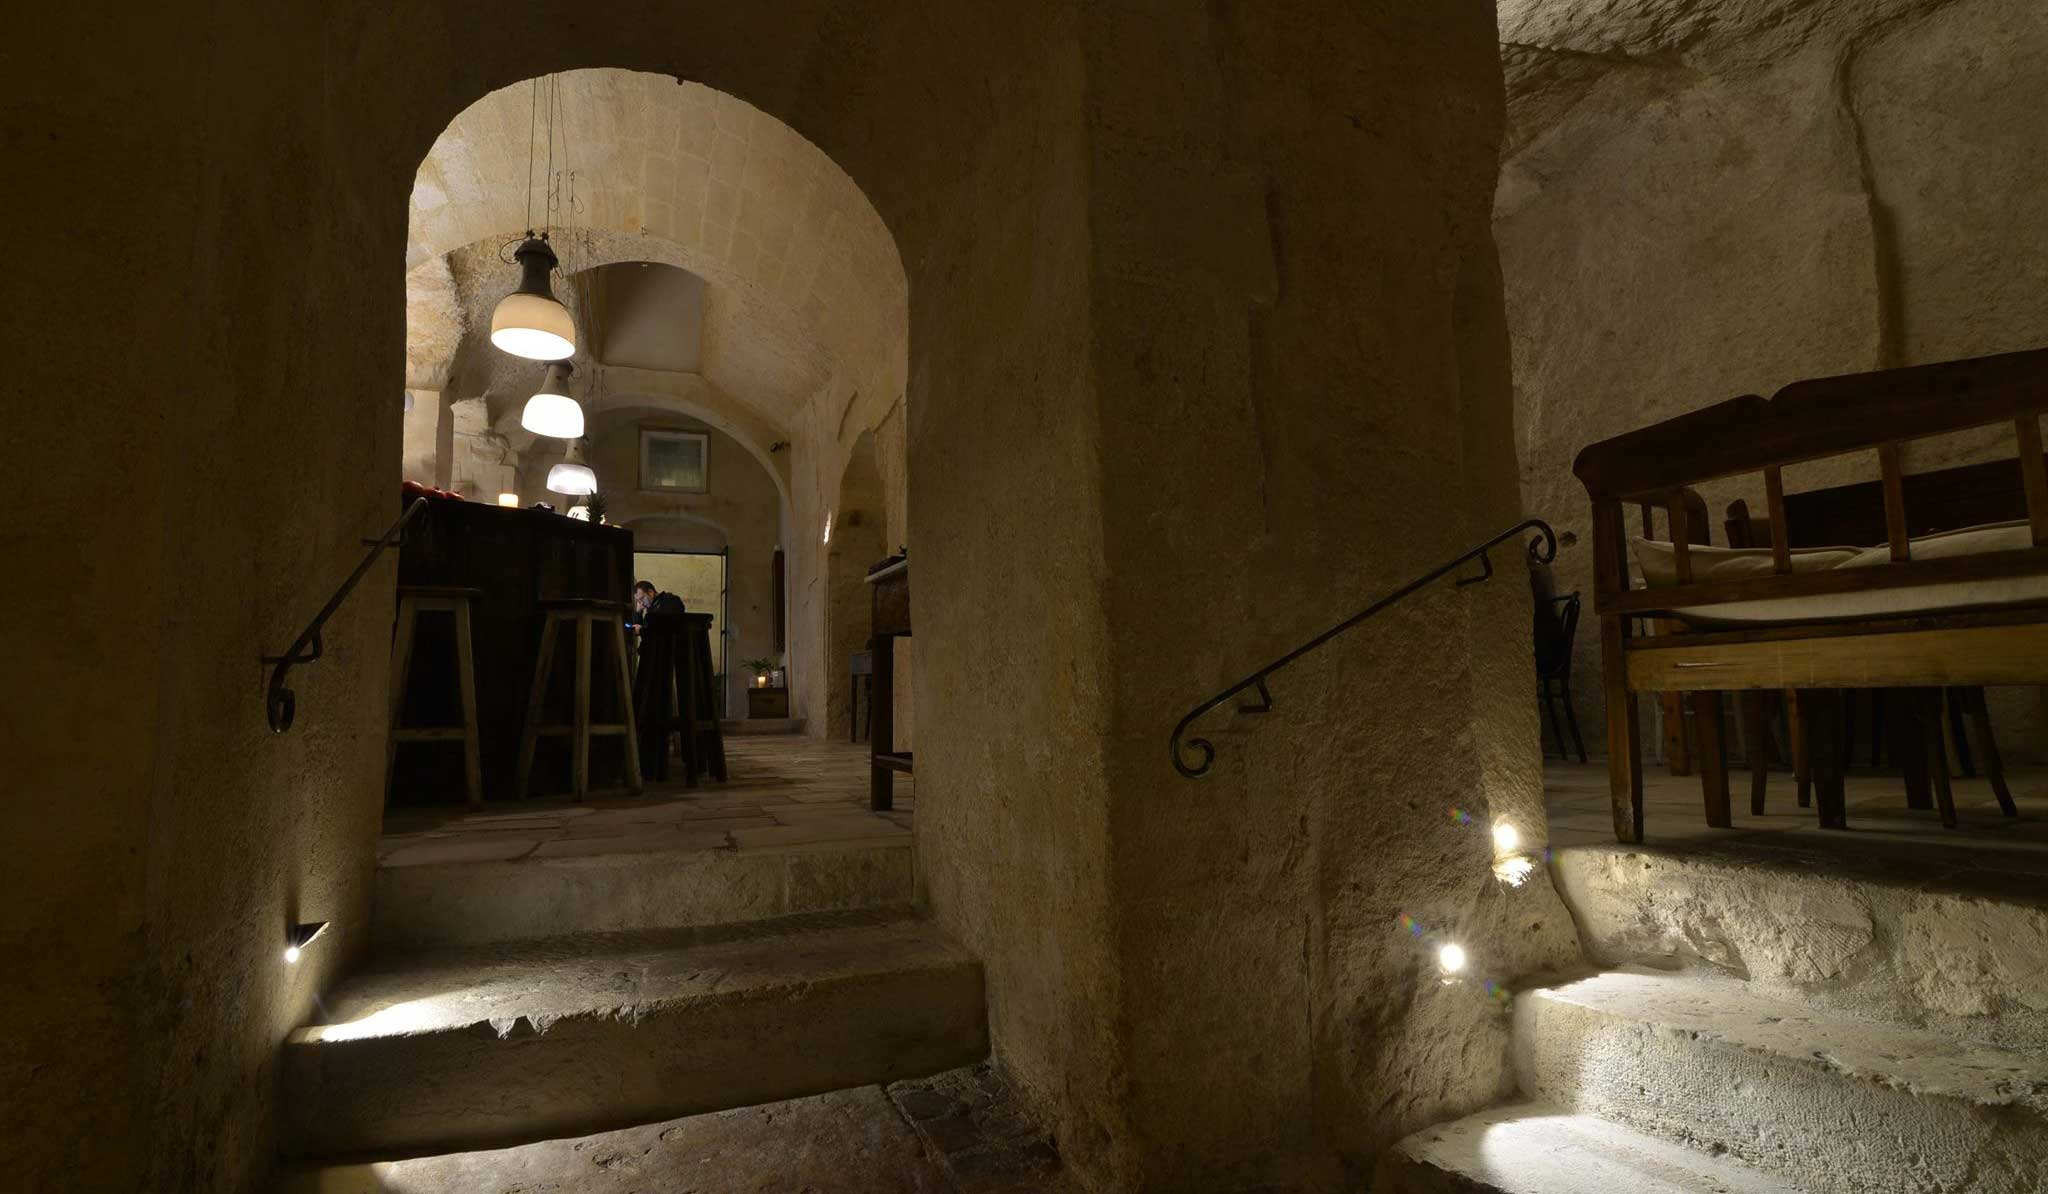 la-lopa-ristorante-pub-aperitivi-stuzzicheria-wine bar-happy-hour-sassi-di-matera-basilicata (18)